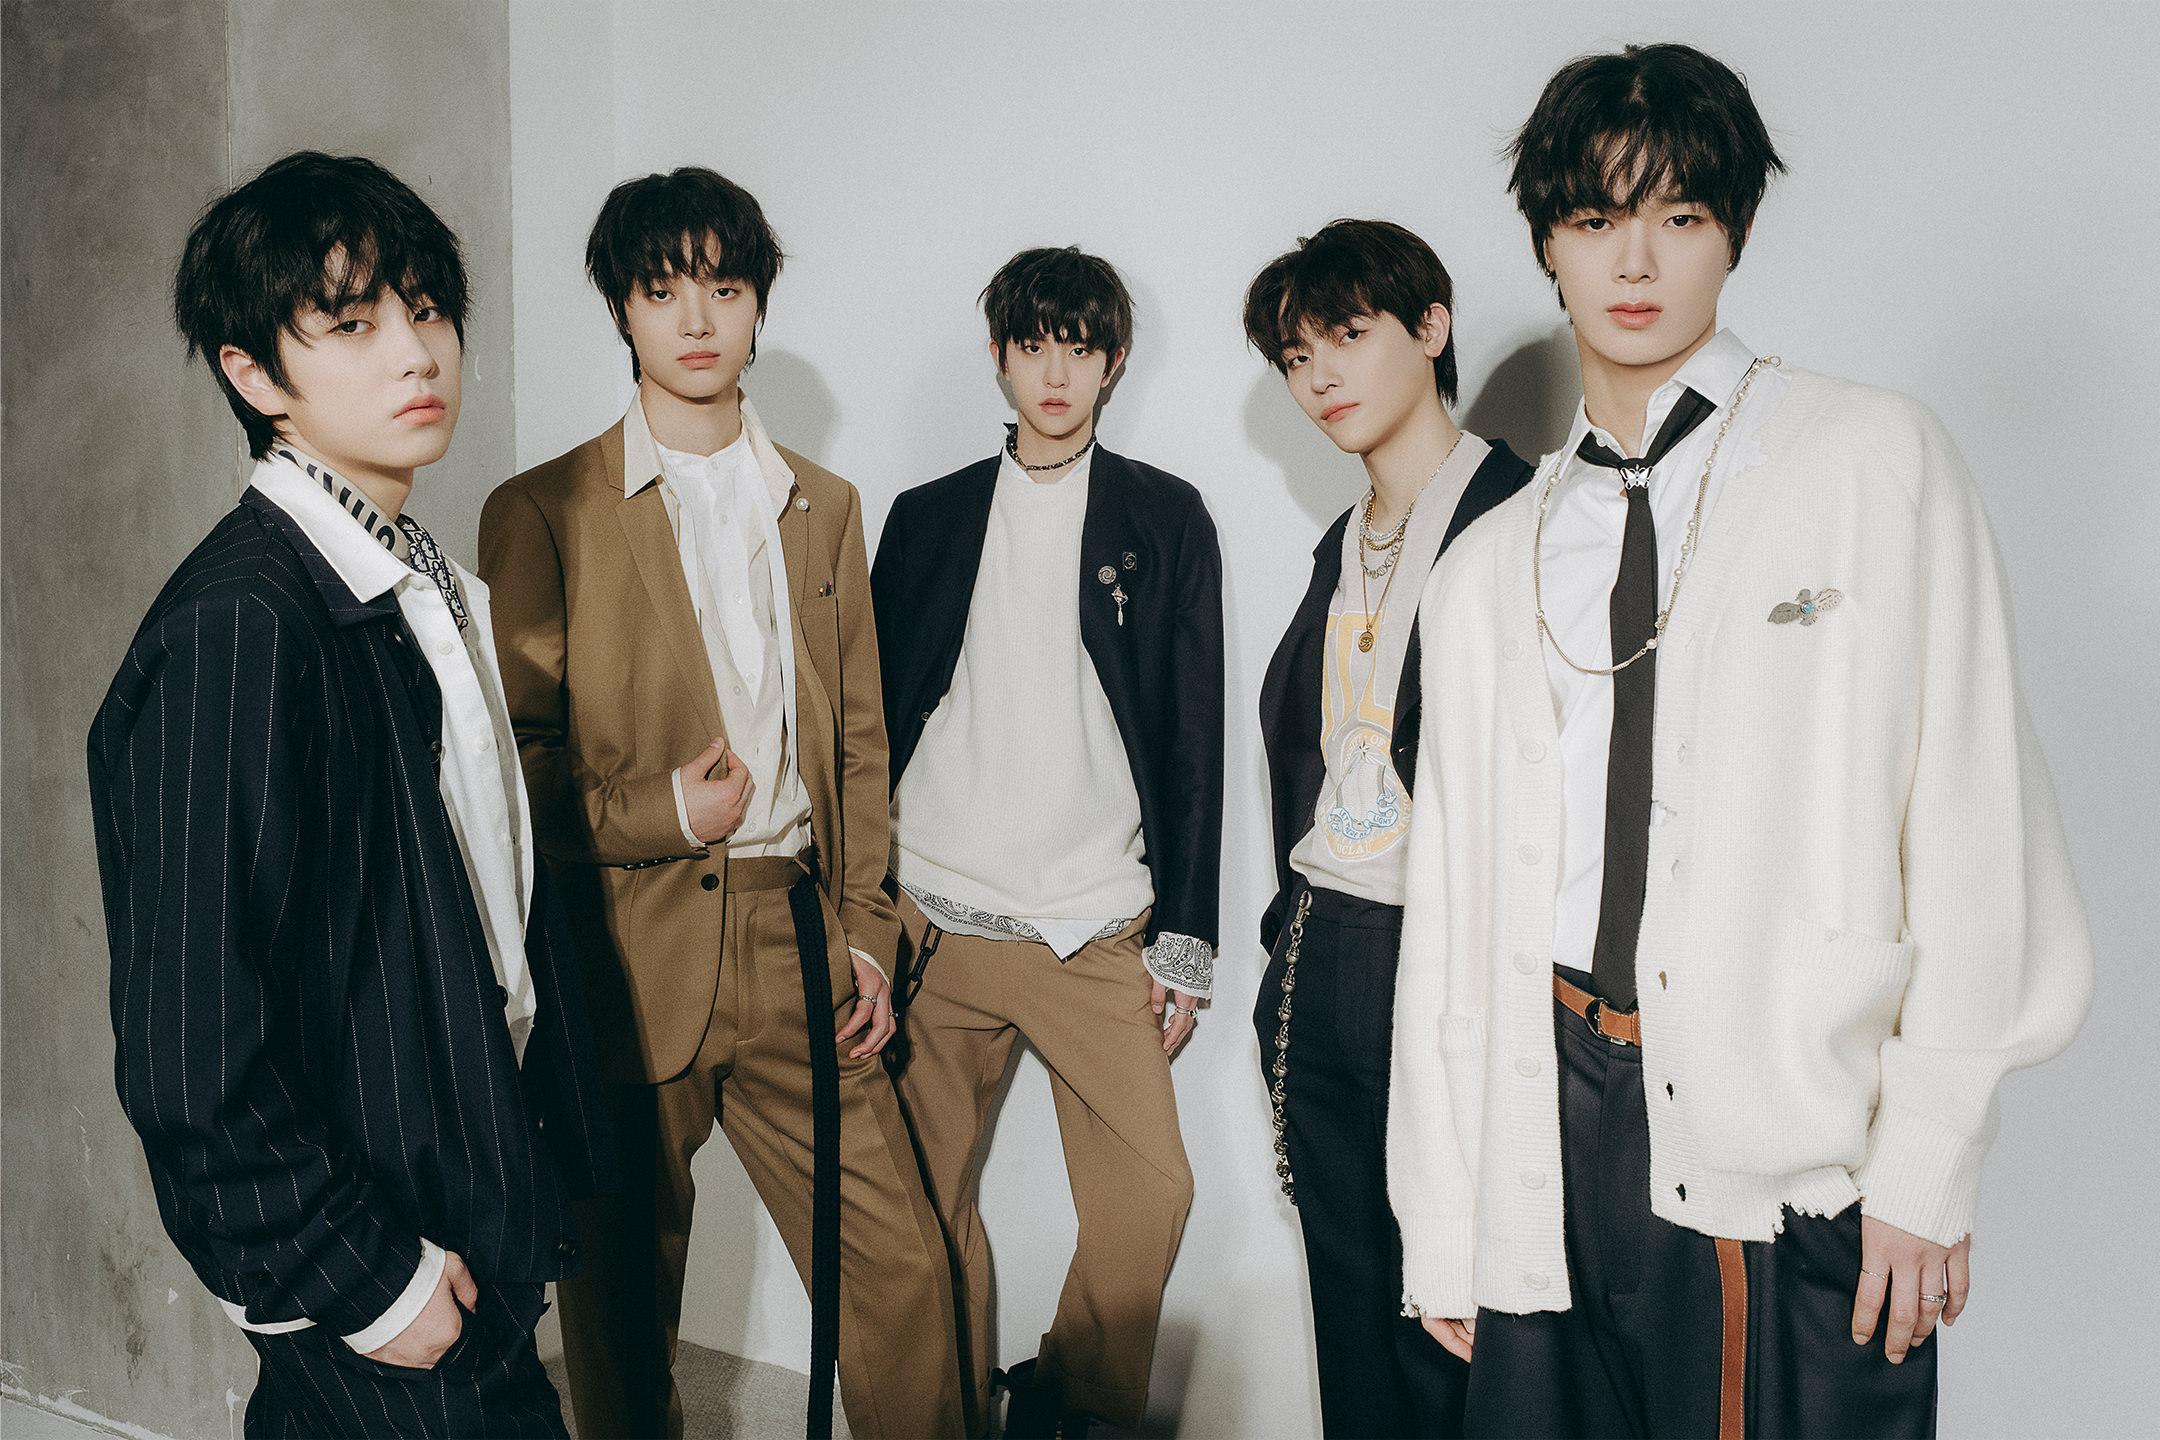 竞争太激烈!2021年这20个韩国新偶像团要出道,你看好哪一团呢?插图1